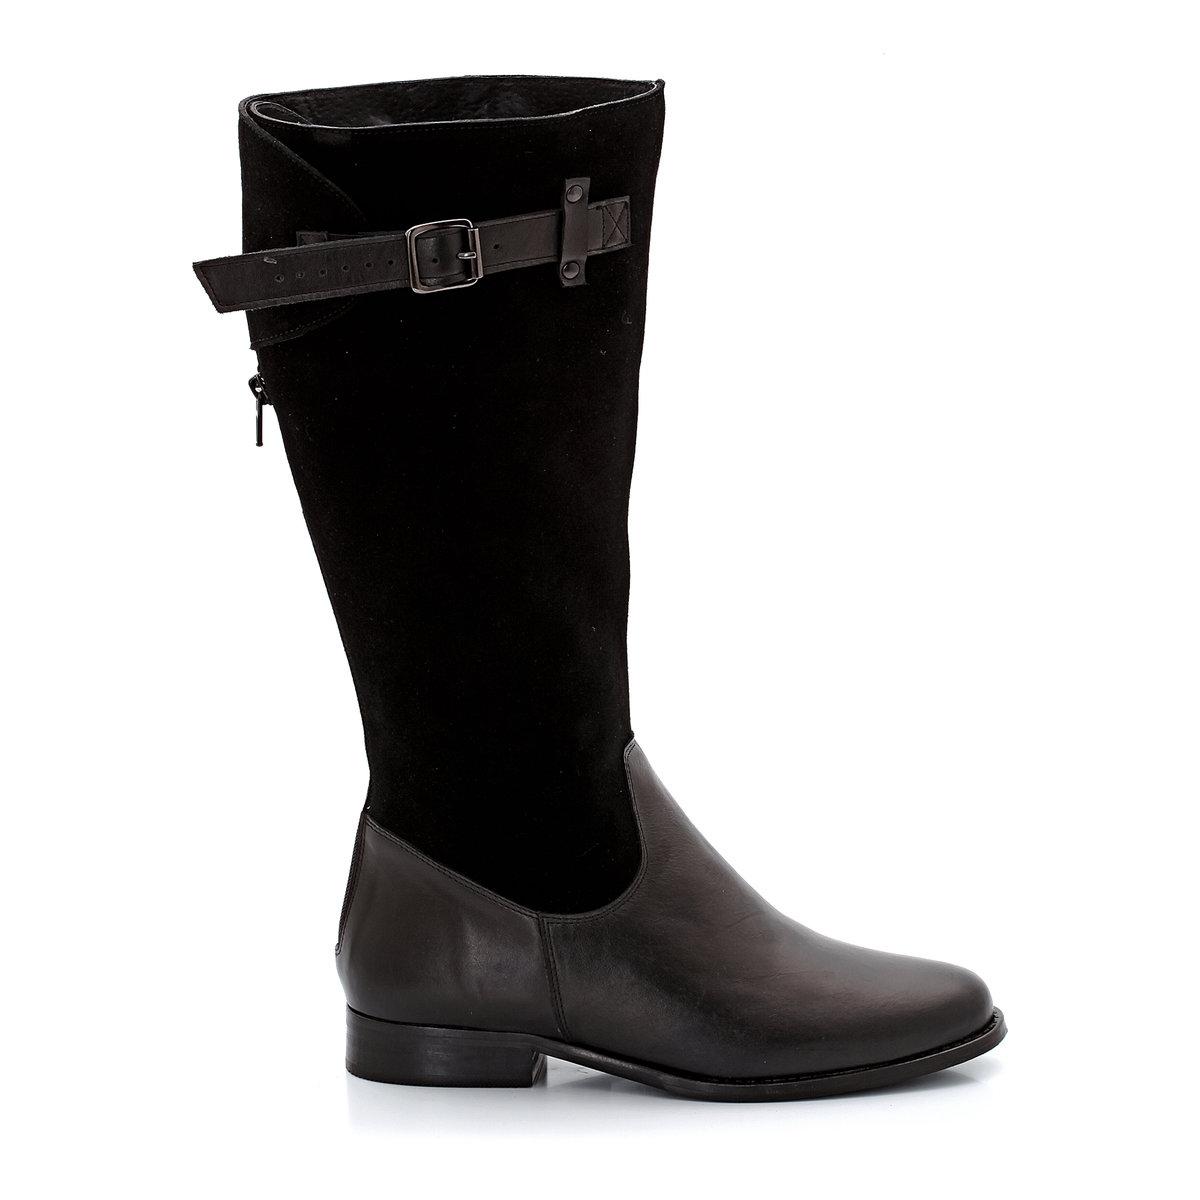 Сапоги из кожи и замшиСтелька: кожа на пористой основе. Подошва: эластомер. Высота каблука:  2 см. Застежка:  молния сзади и регулируемый клапан. Высота голенища: 36 см. Обхват икры: от 40 до 47 см. Плюс модели: планки из коровьей кожи, регулируемые металлическими пряжками. Соответствие межжду размером обуви и обхватом икры:- размер 38/39 : обхват икры от 41 до 42 см- размер 40/41 : обхват икры от 43 до 44 см- размер 42/43 : обхват икры от 45 до 46 см- размер 44/45: обхват икры от 47 до 48 см<br><br>Цвет: черный